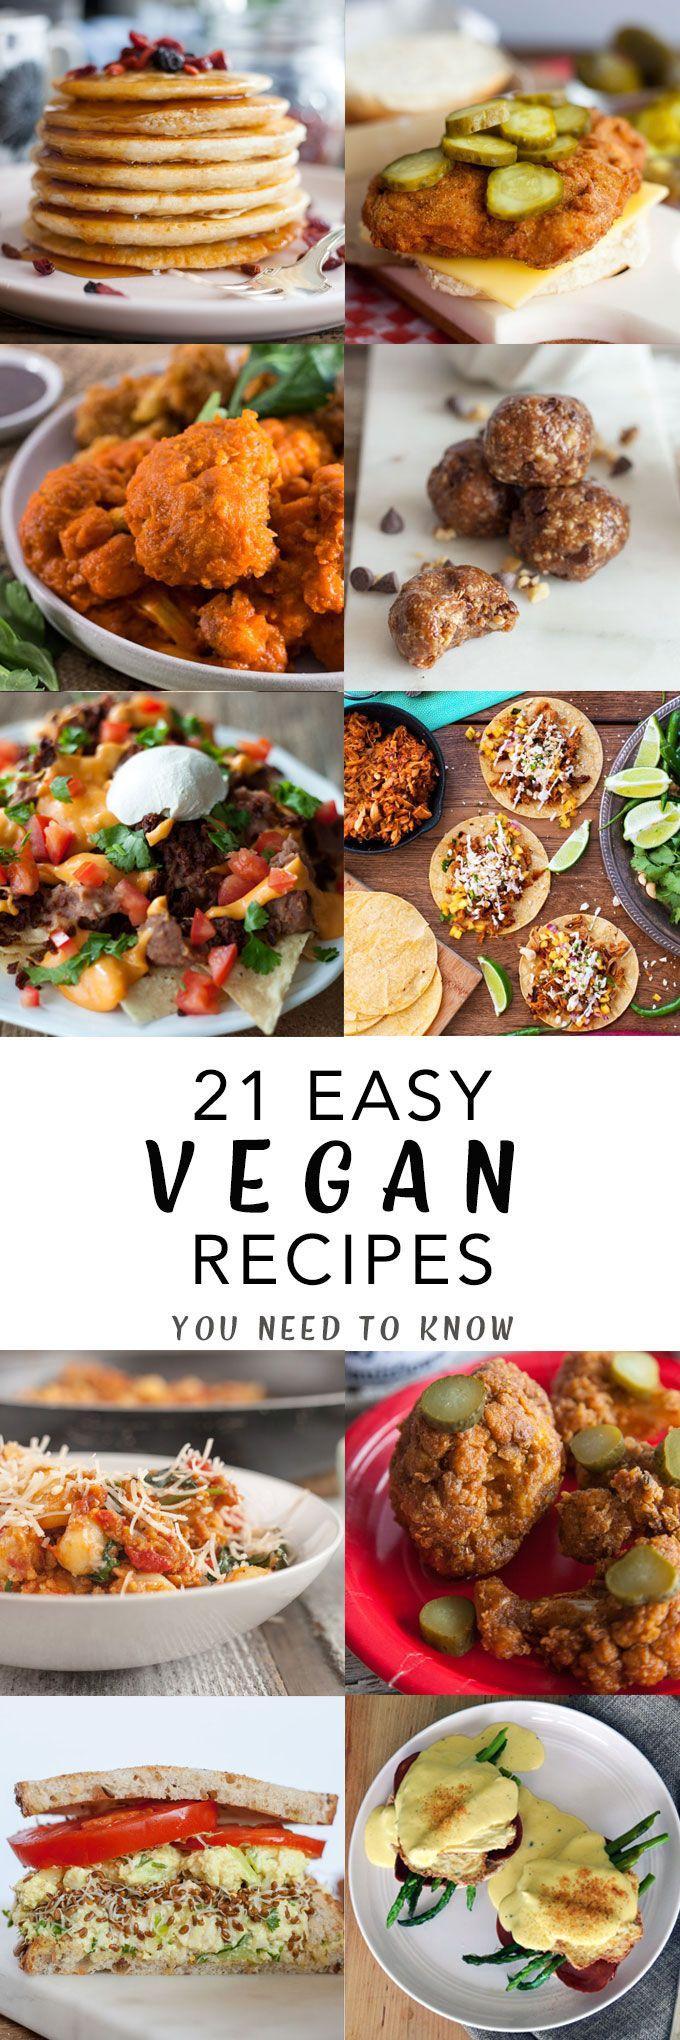 21 Vegan Recipes For 2018 Vege Przepisy Przepisy Napoje